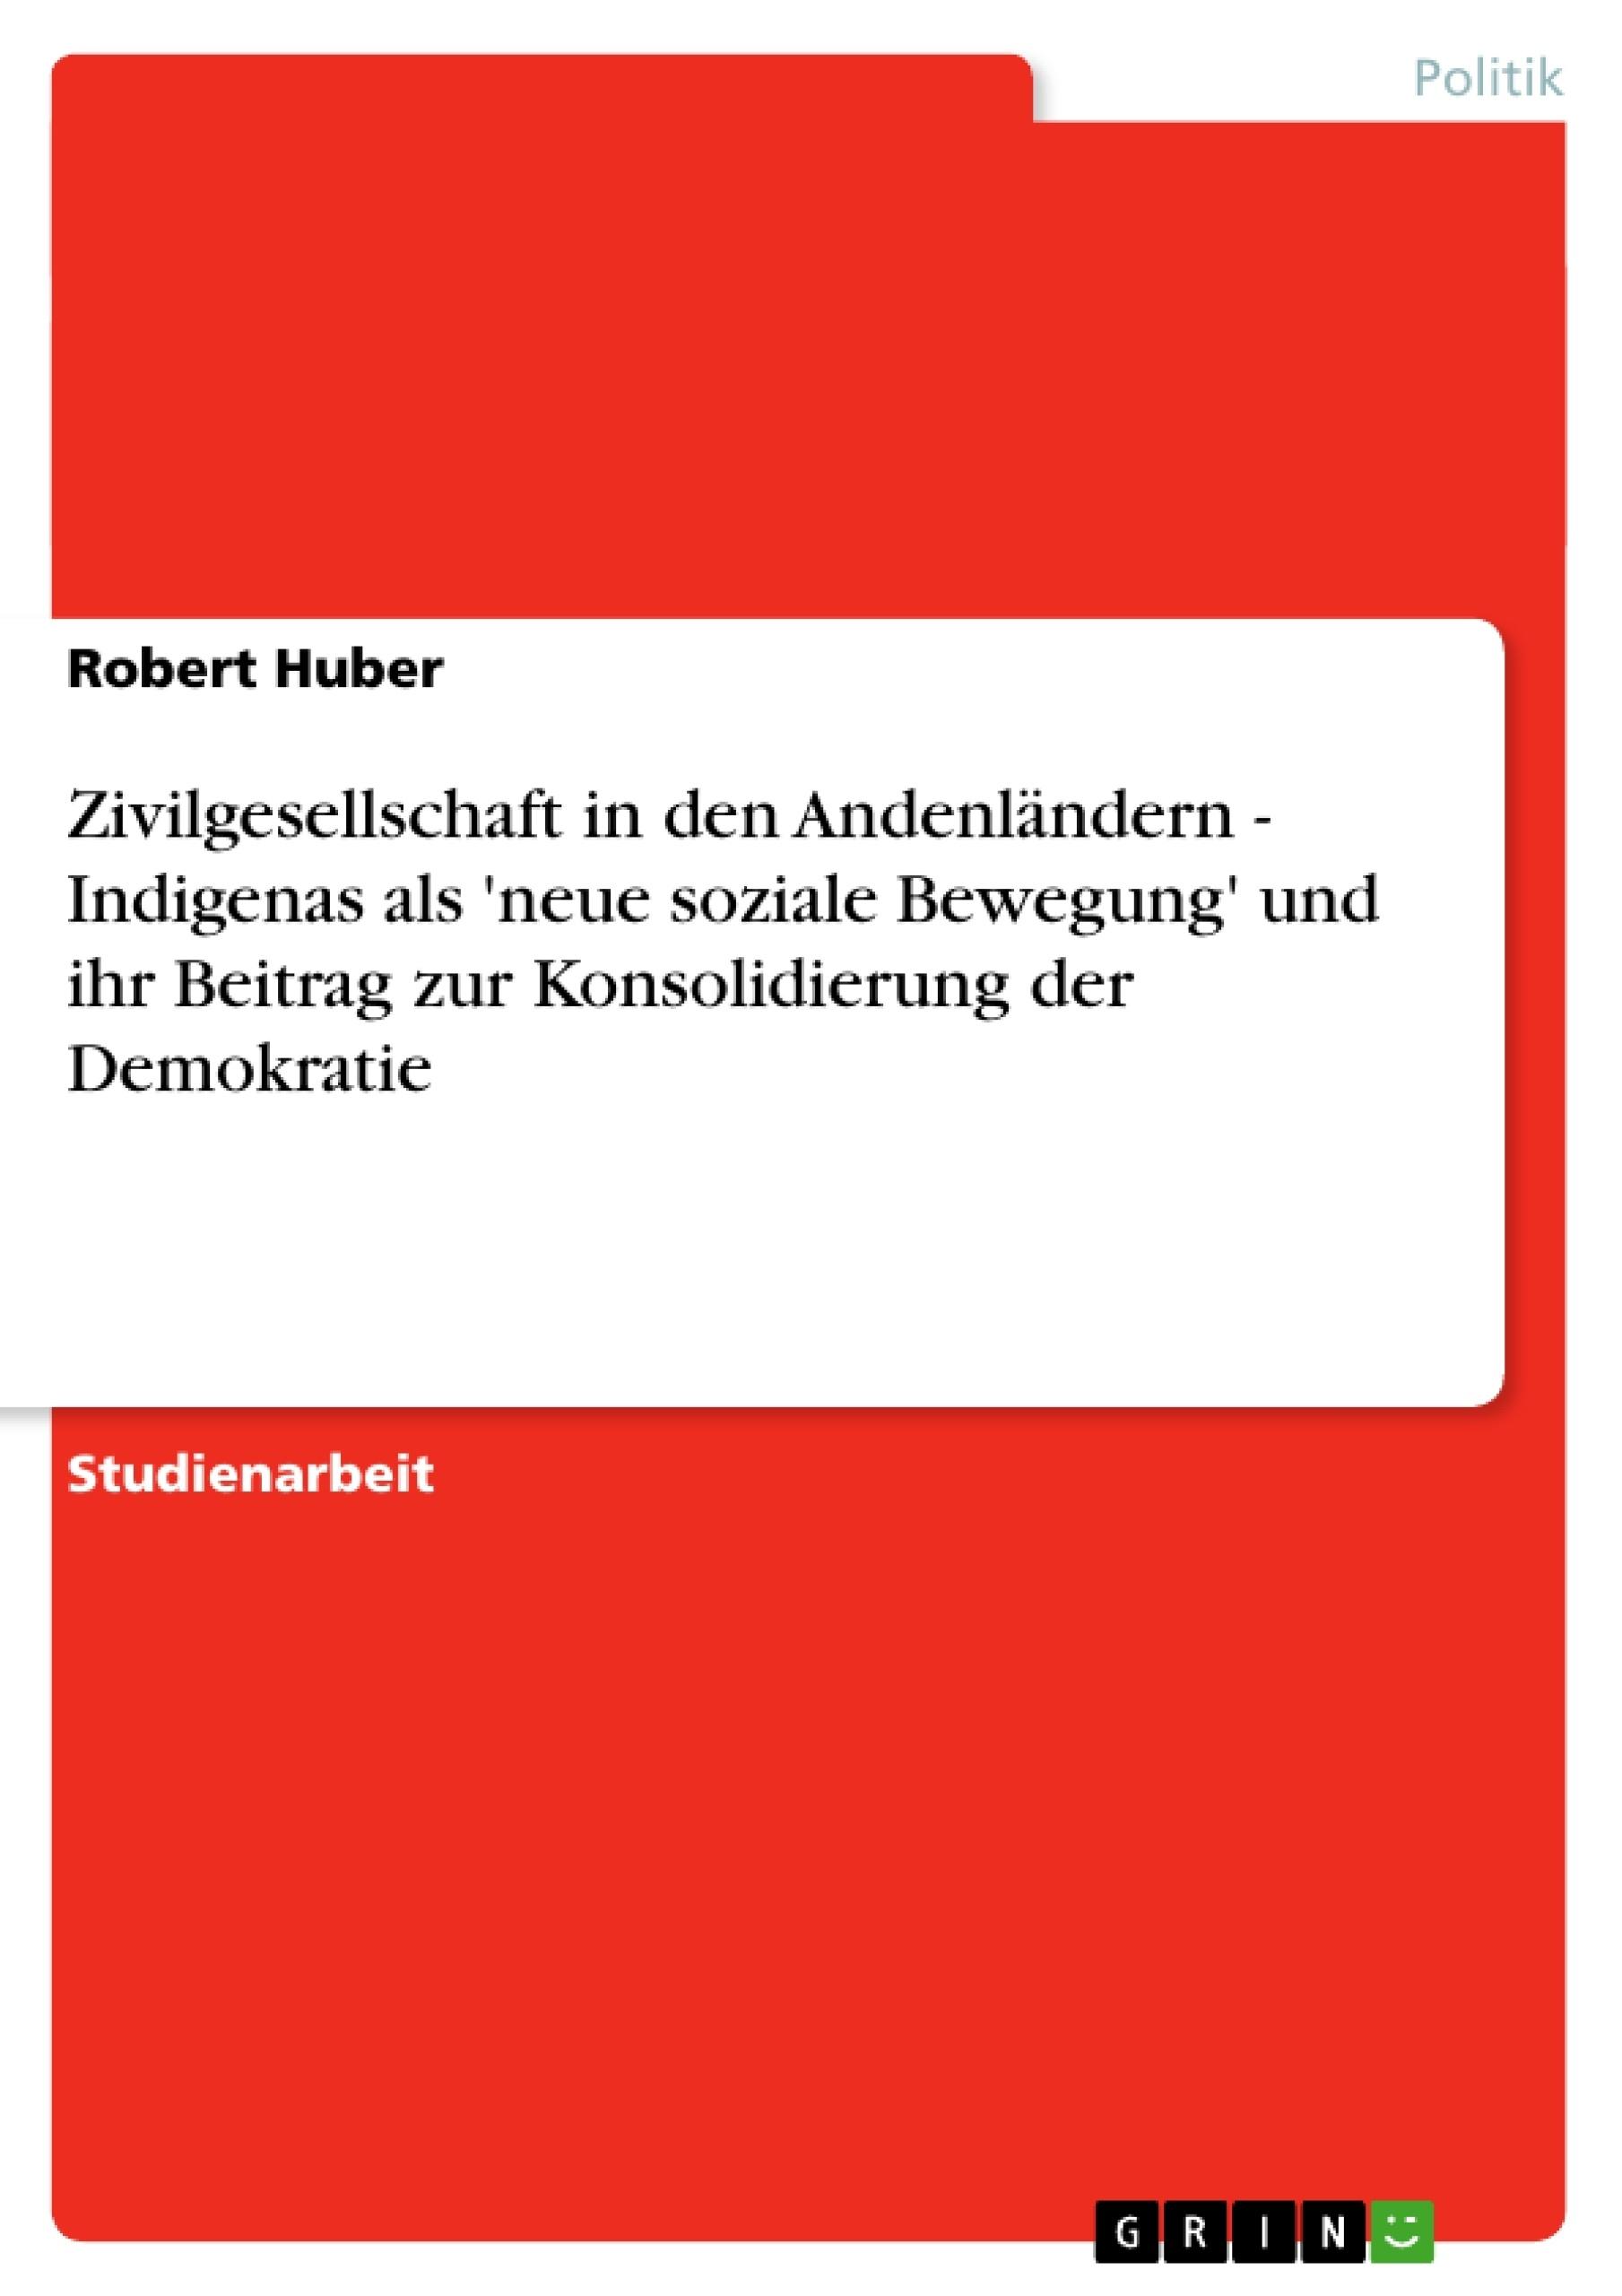 Titel: Zivilgesellschaft in den Andenländern - Indigenas als 'neue soziale Bewegung' und ihr Beitrag zur Konsolidierung der Demokratie